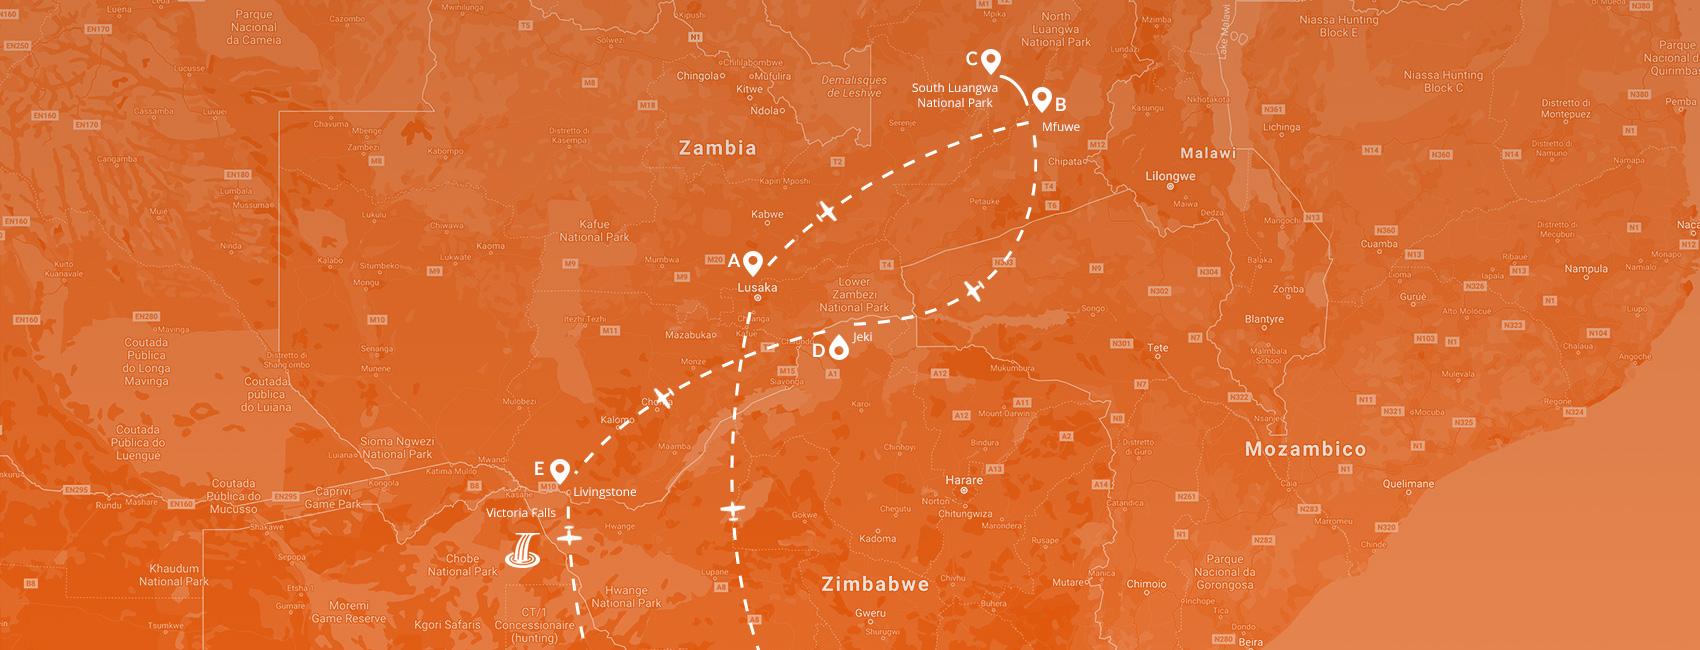 Maps - Zambia - Esplosione di natura 2021